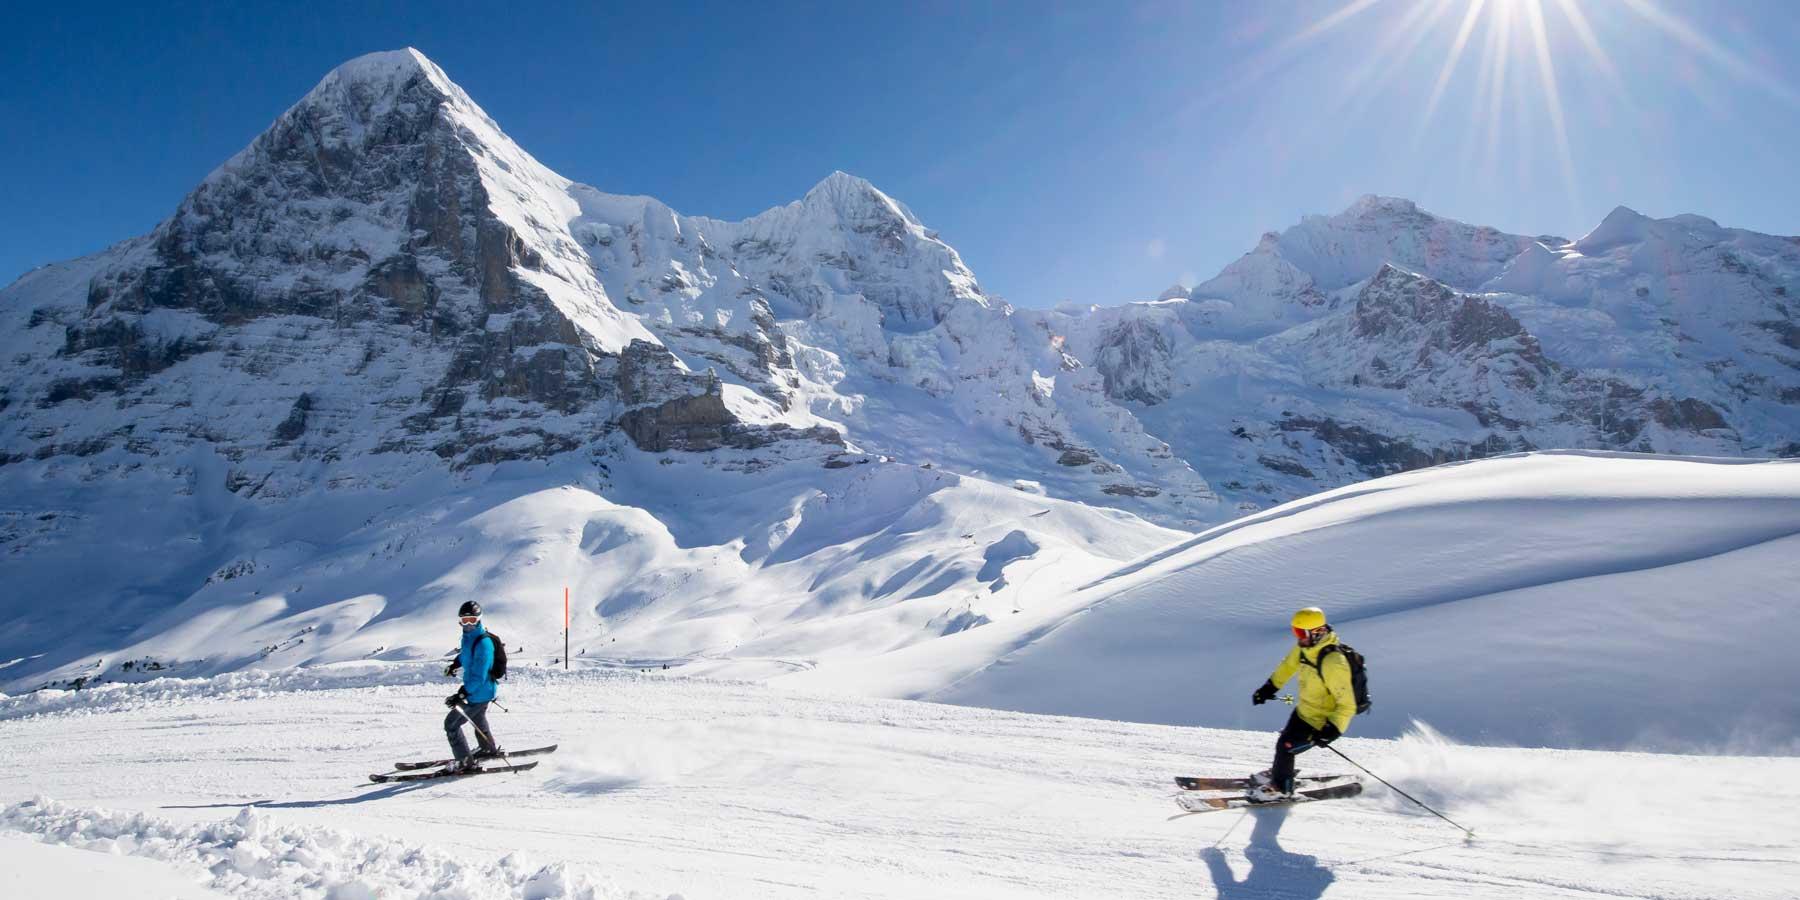 Lauberhorn-skiing